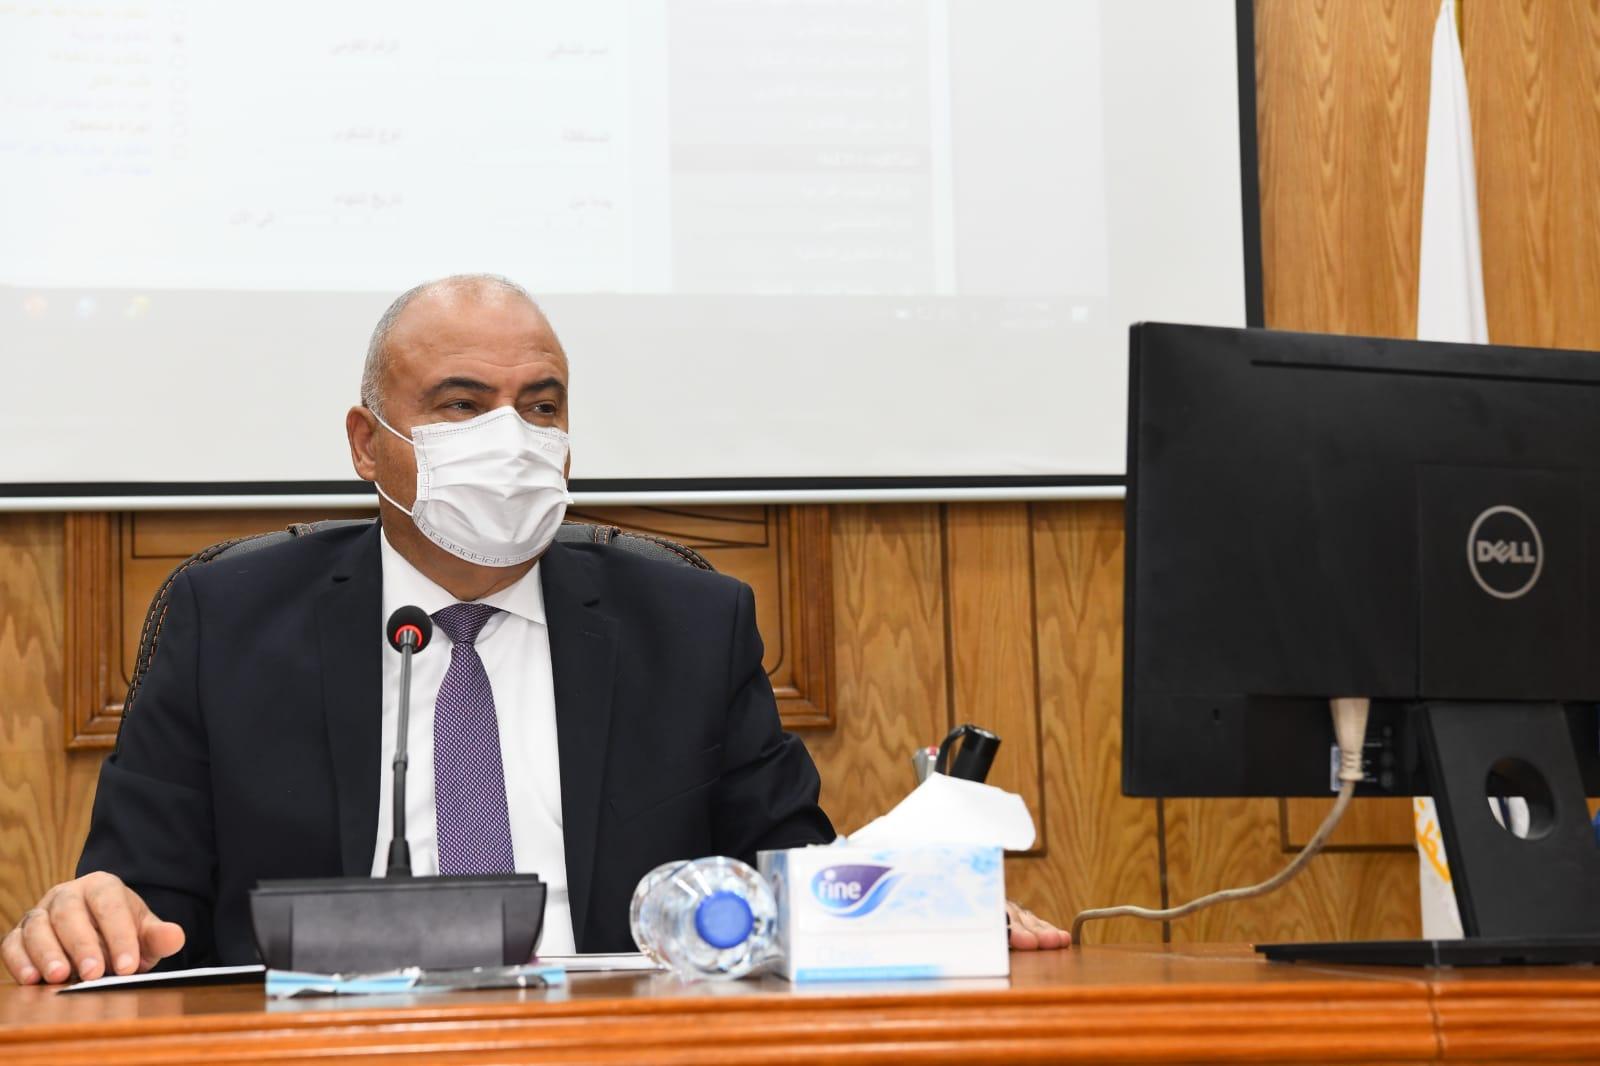 ضبط ٢٣ مخالفة ذبح خارج المجازر الحكومية ولحوم مجمدة غير صالحة للاستهلاك الآدمي في حملة تموينية مكبرة بقنا